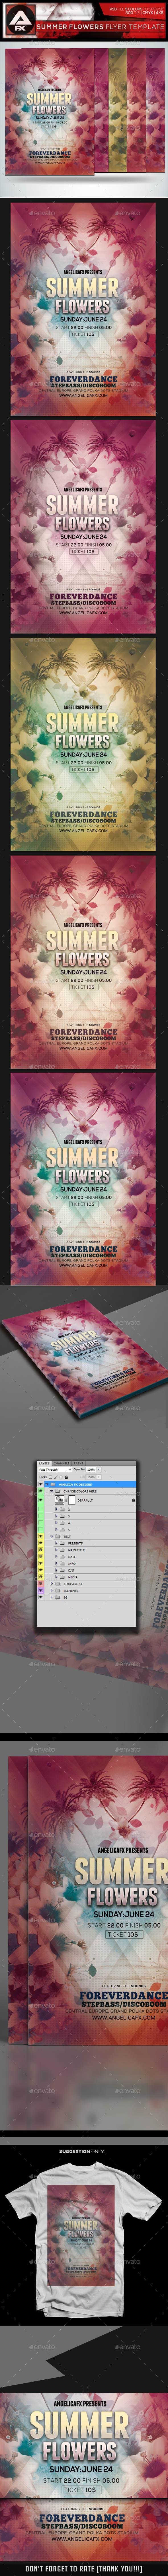 Summer Flower Flyer Template - Flyers Print Templates